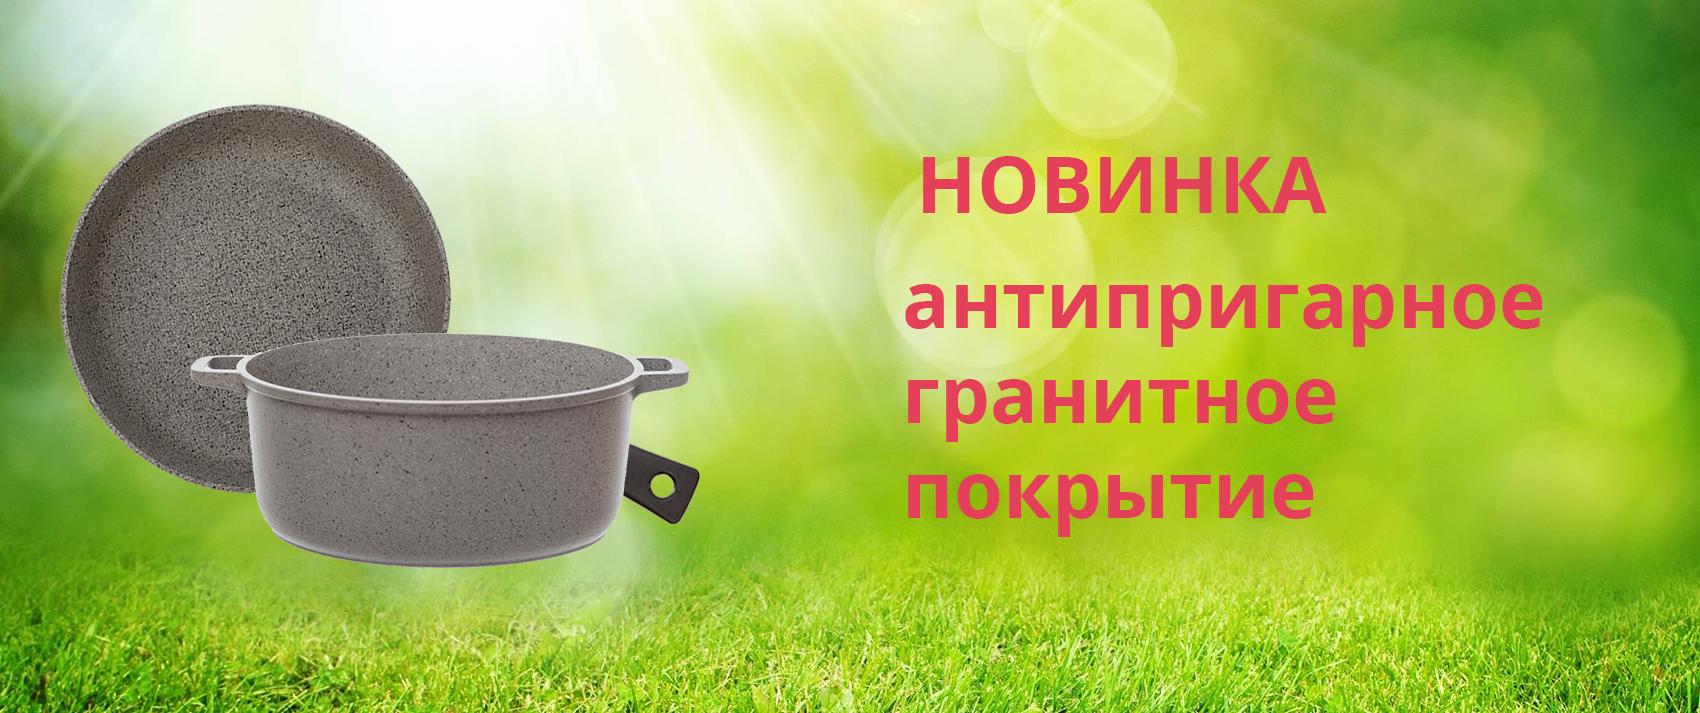 Новинка от торговой марки Пролис посуда с антипригарным гранитным покрытием